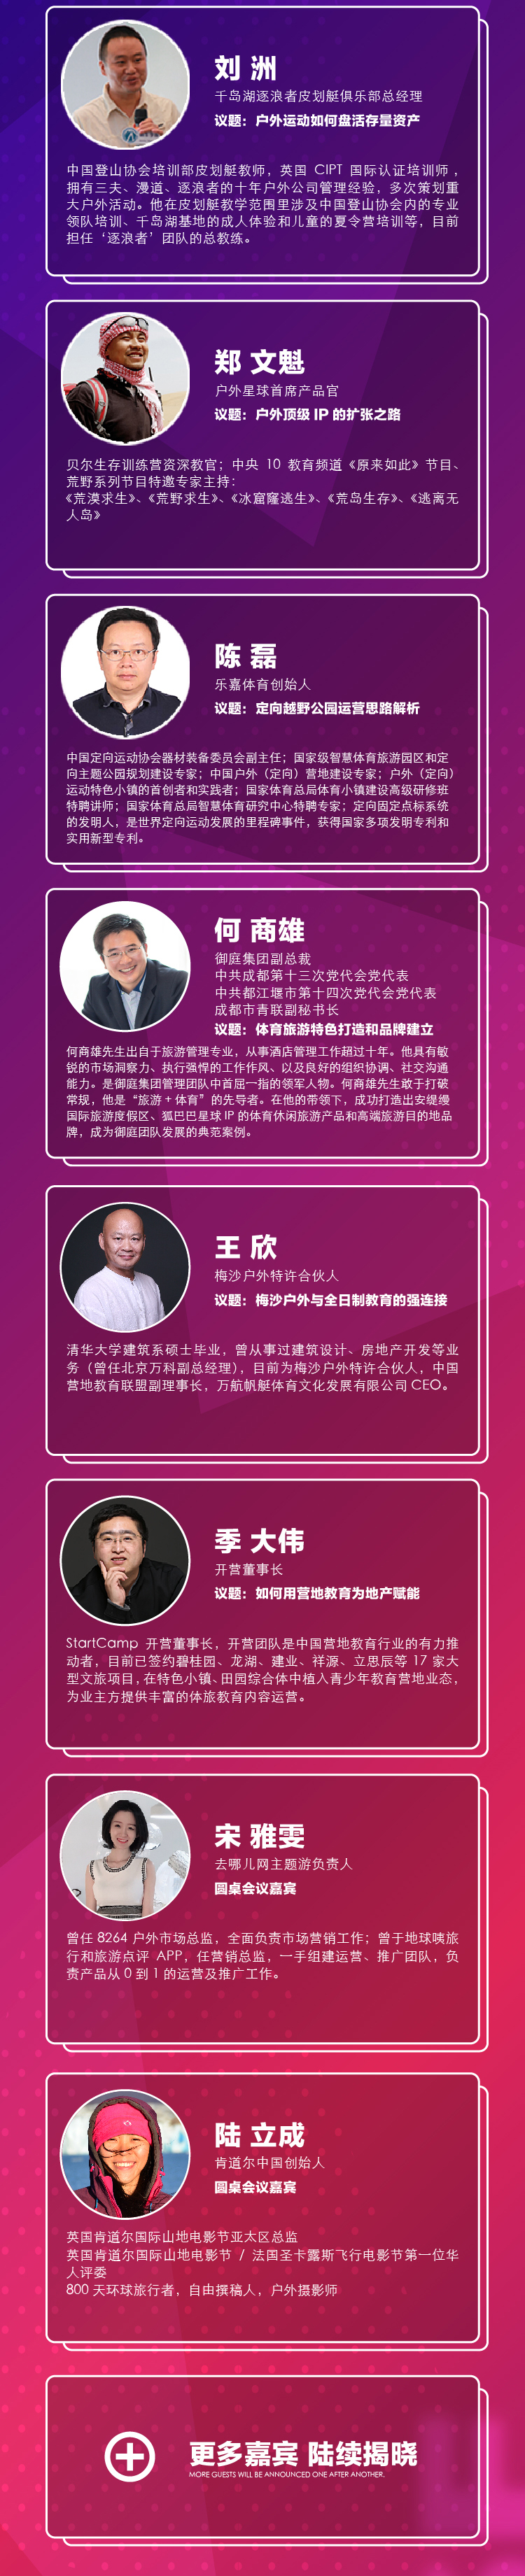 长图海报3.jpg